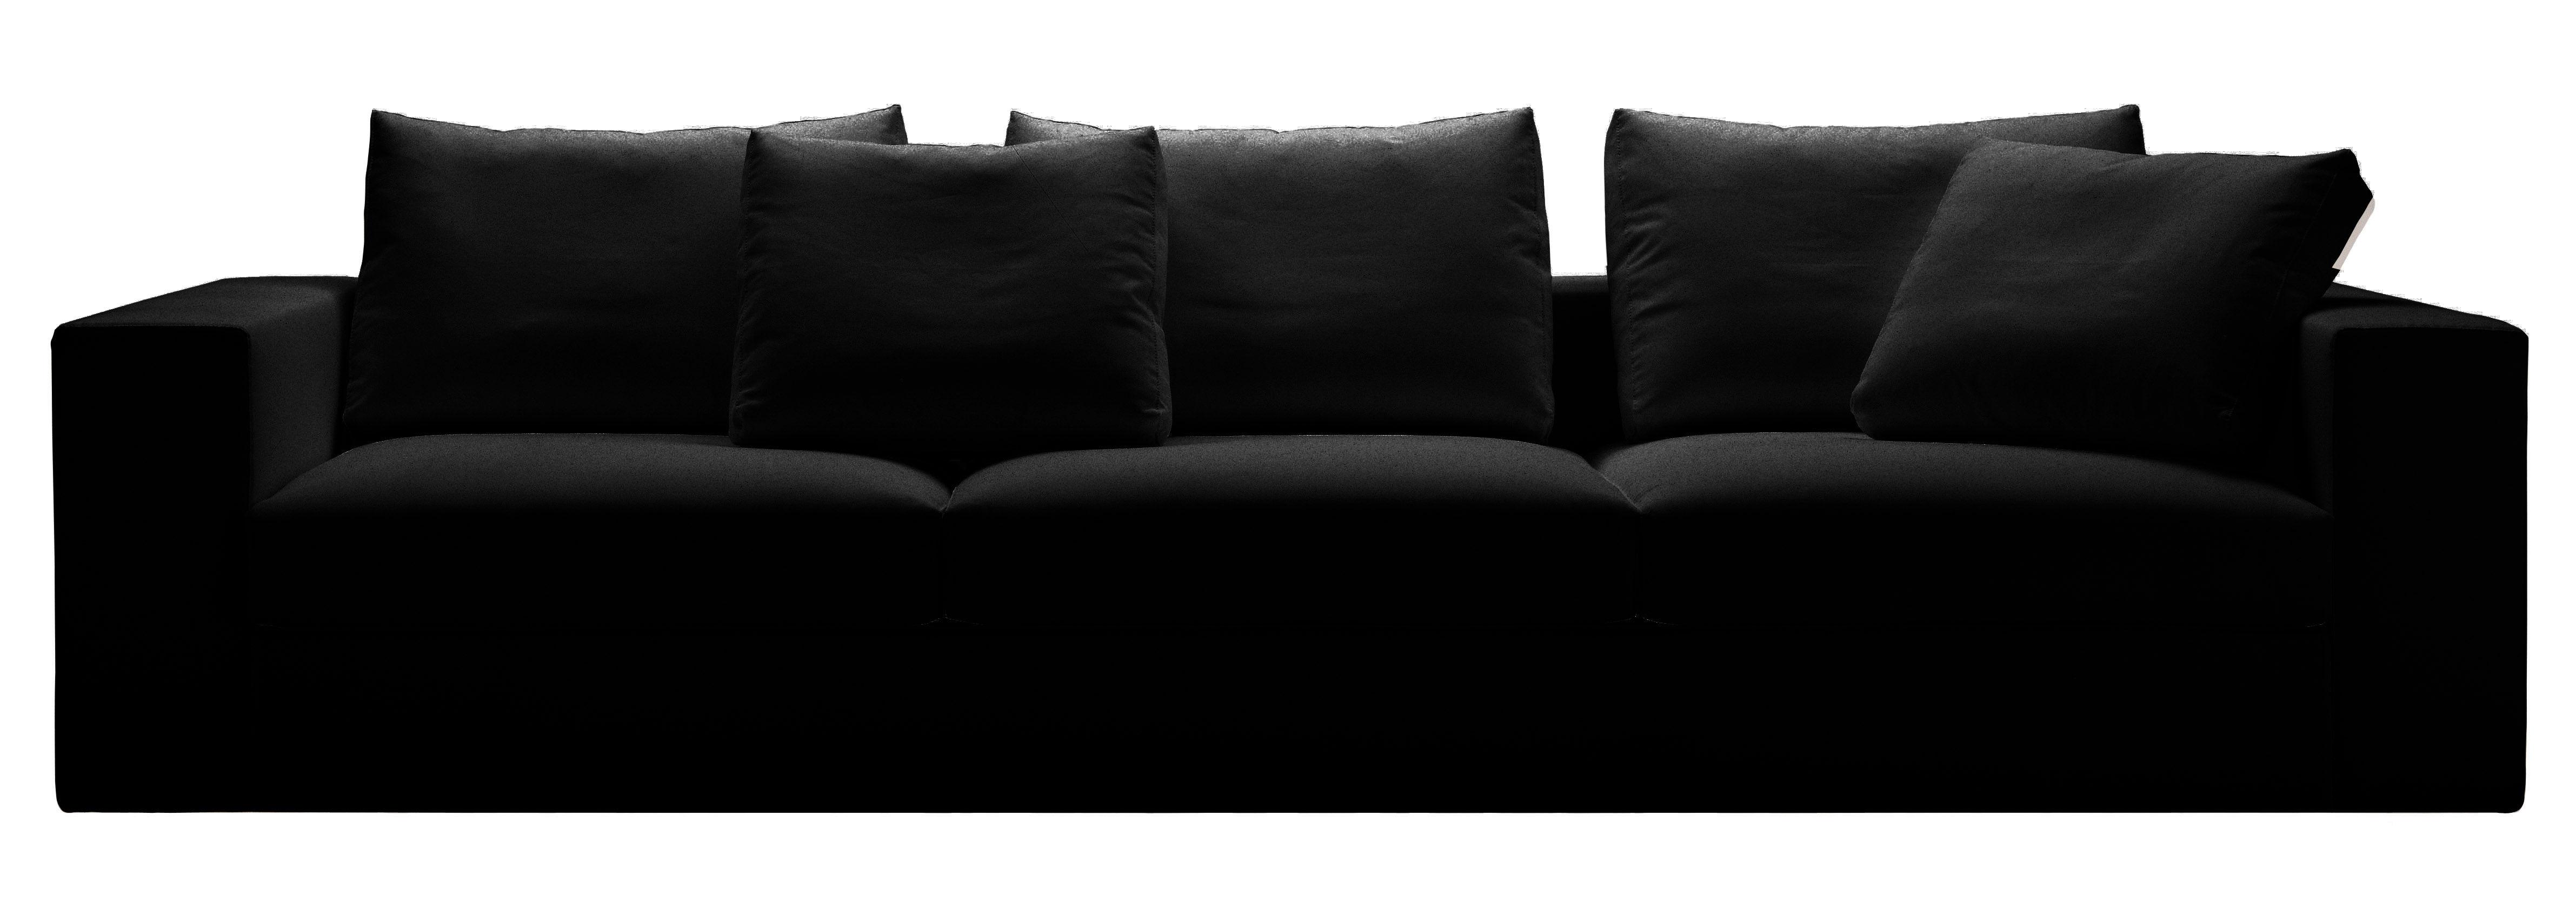 Beta Sofa Leder 3 Sitzer L 284 Cm Leder Schwarz By Zanotta